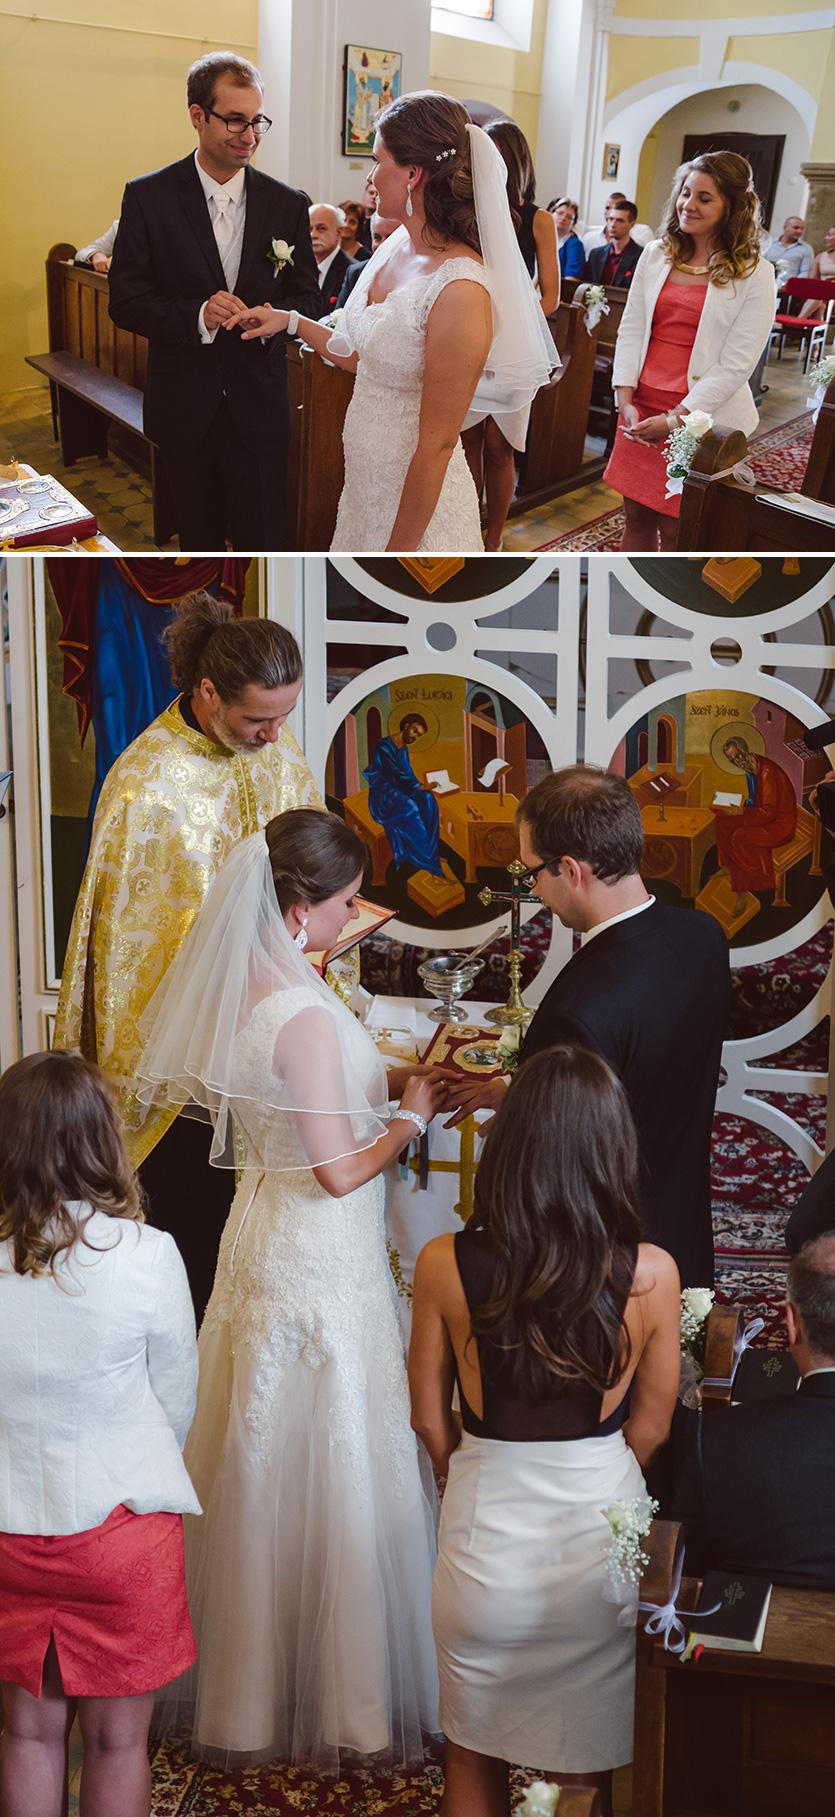 esküvői fotózás a Xavér templomban pécs